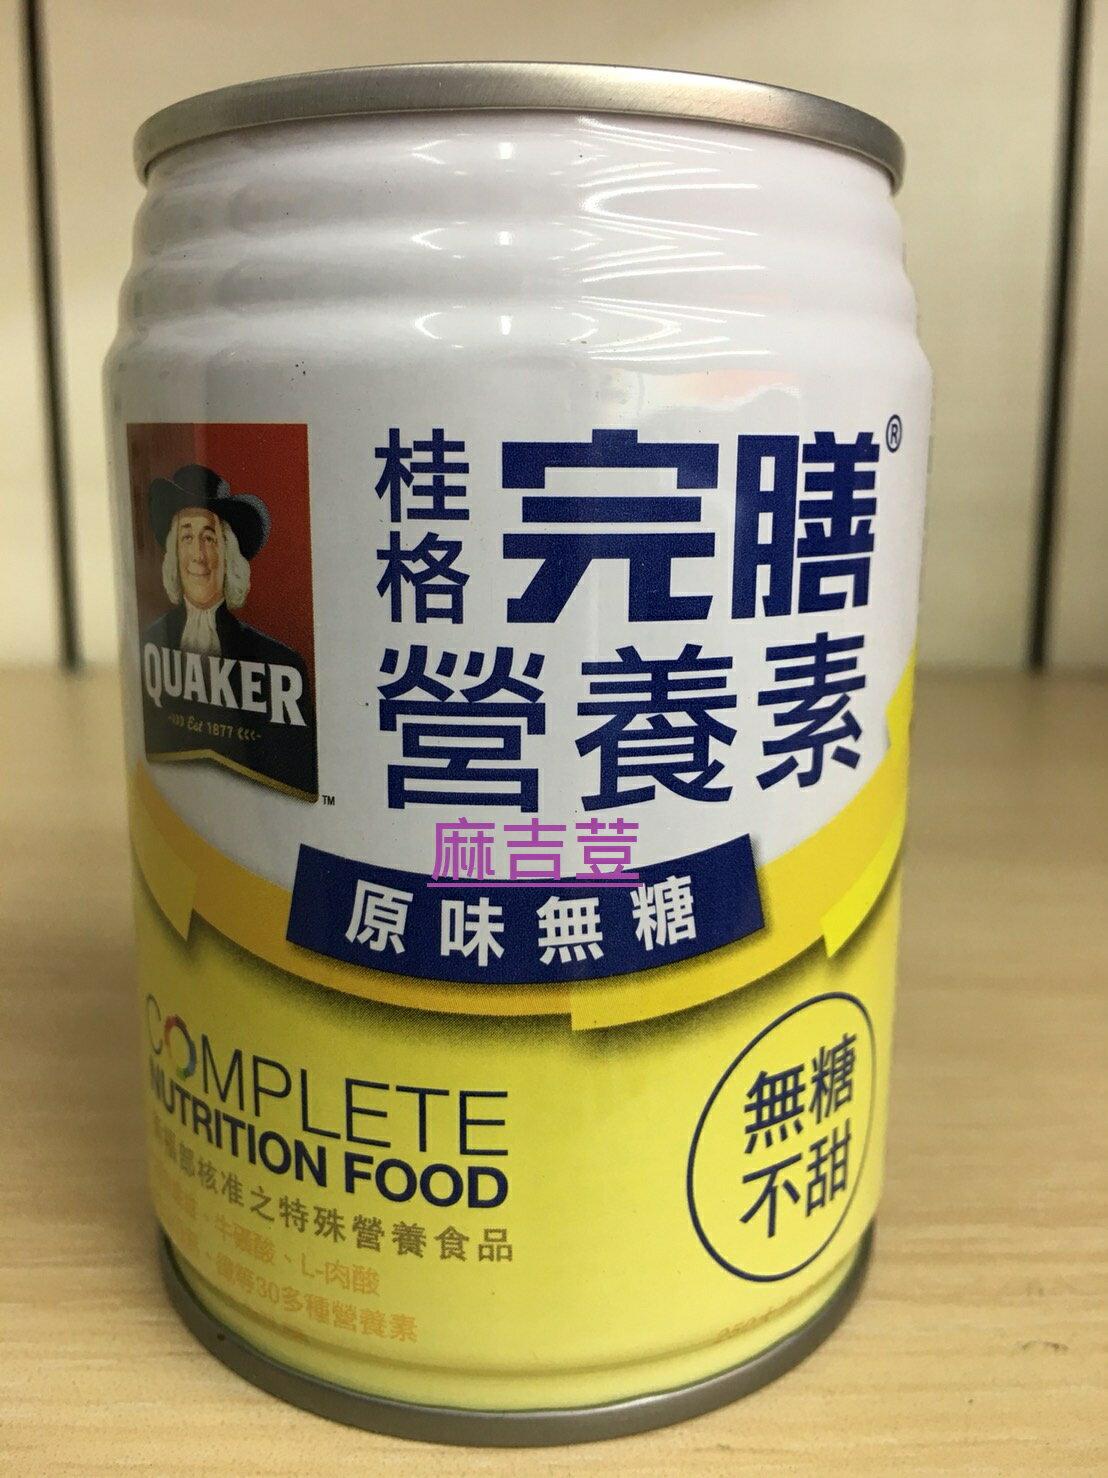 桂格完膳營養素-原味無糖不甜 250大卡/250毫升含纖維質.牛磺酸 低GI 不含乳糖似亞培原味.安素雀巢立攝適均康原味